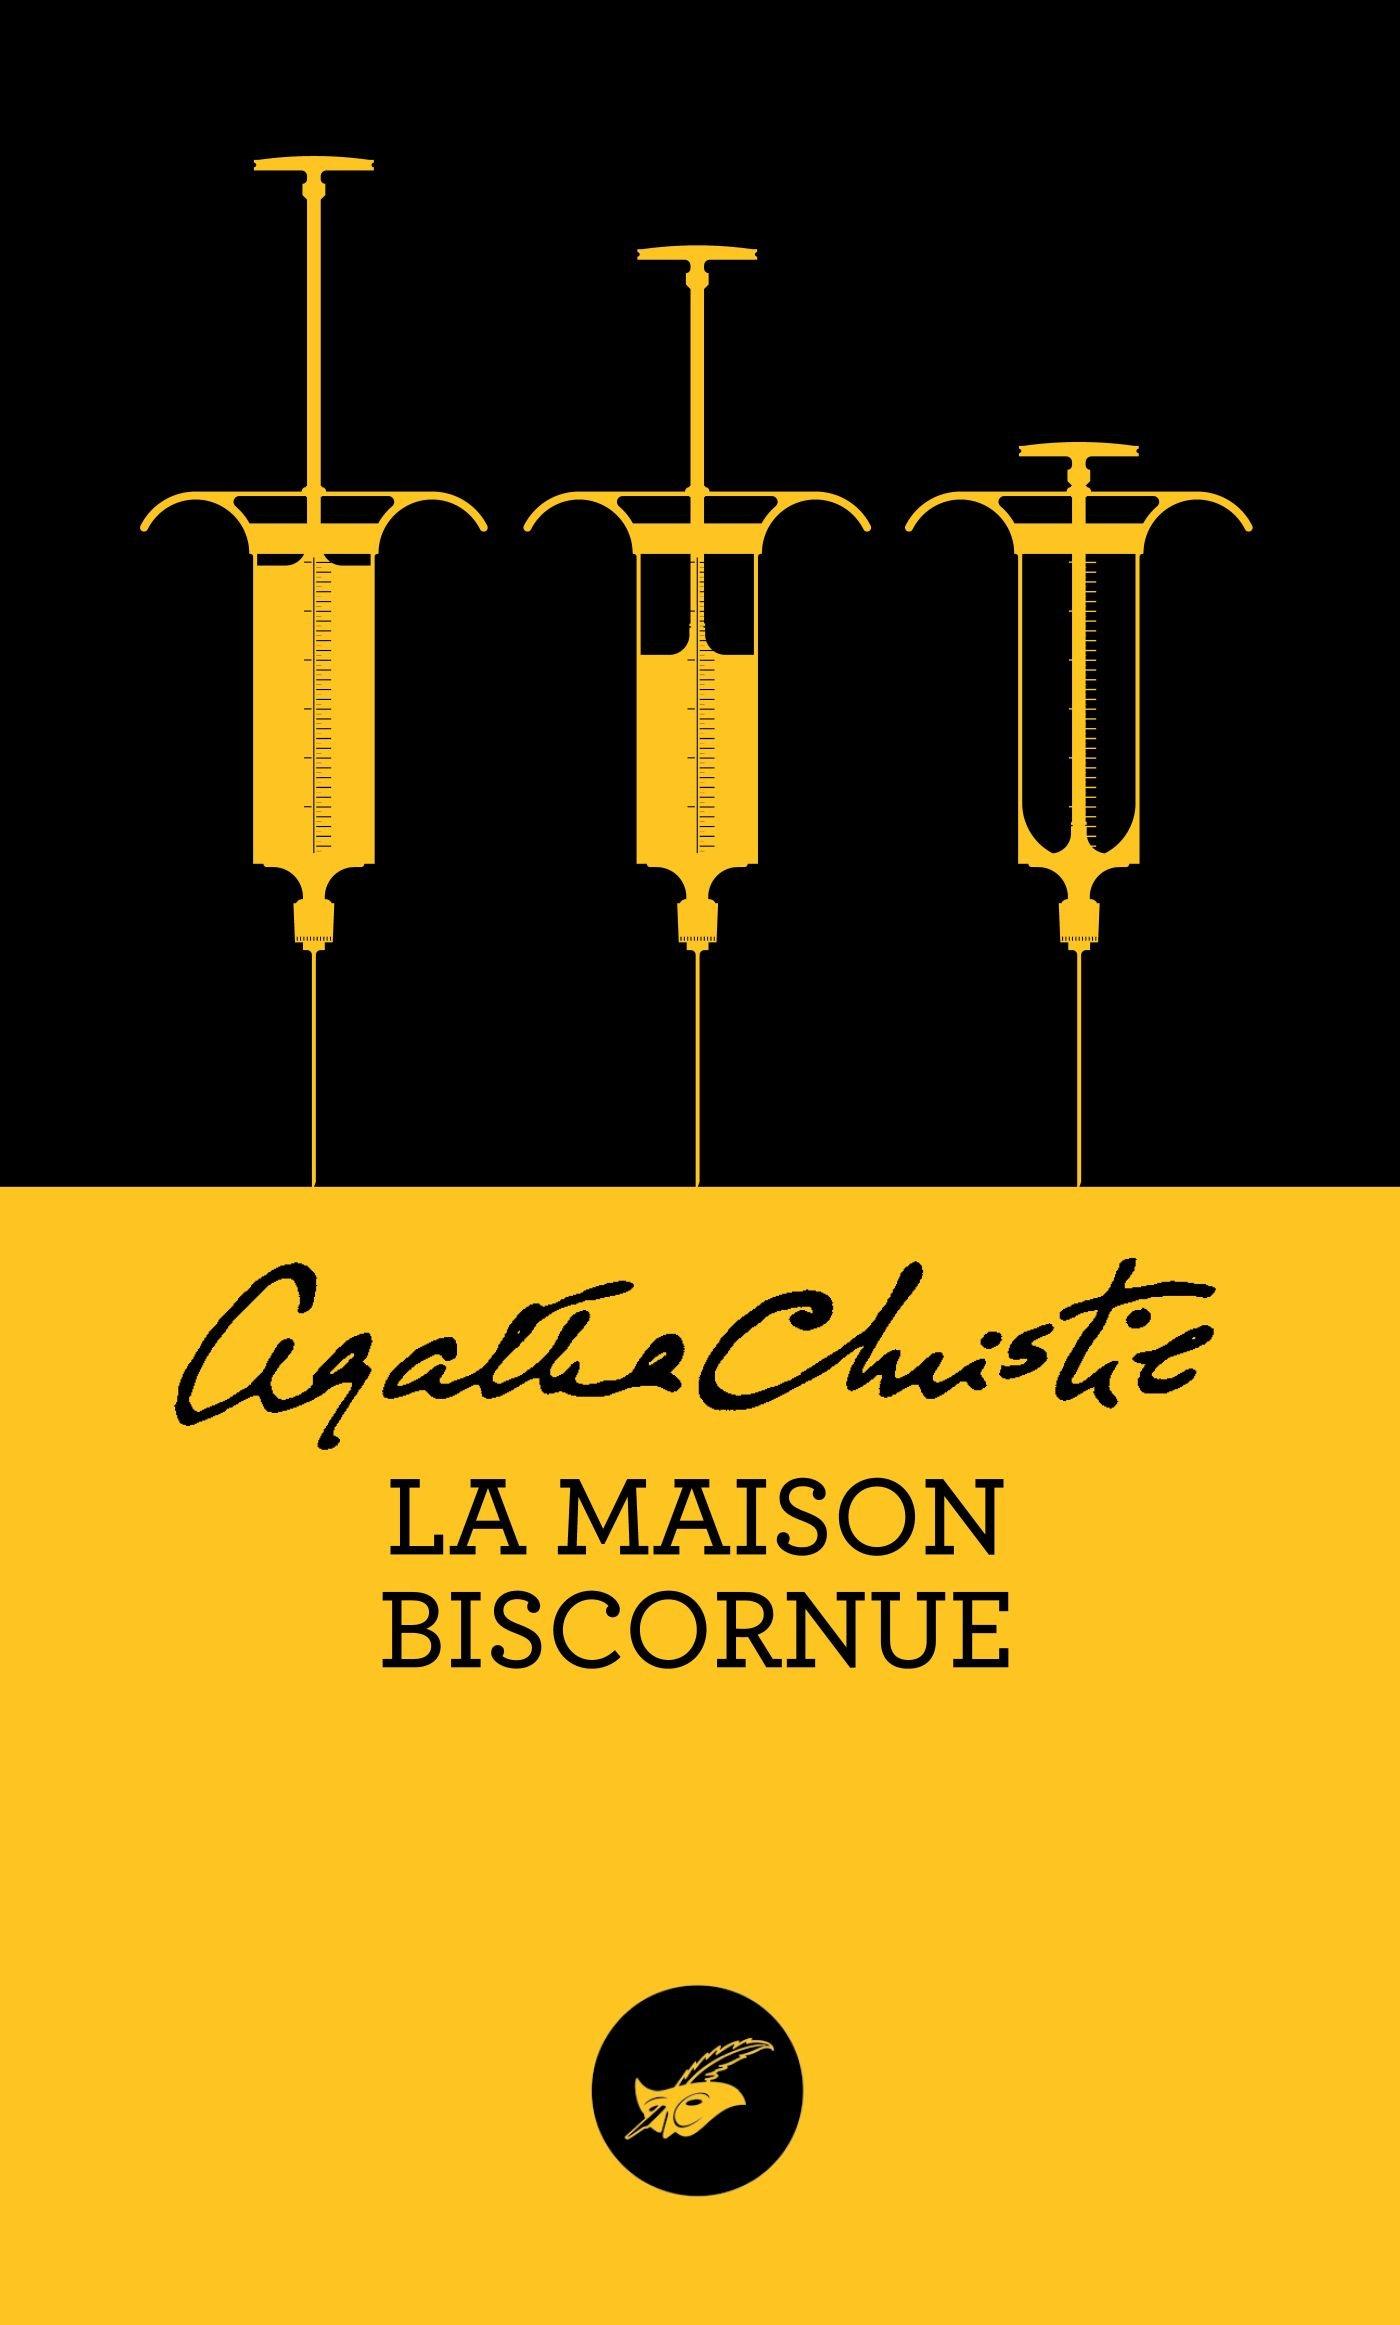 La maison biscornue (Nouvelle traduction révisée) (Masque Christie